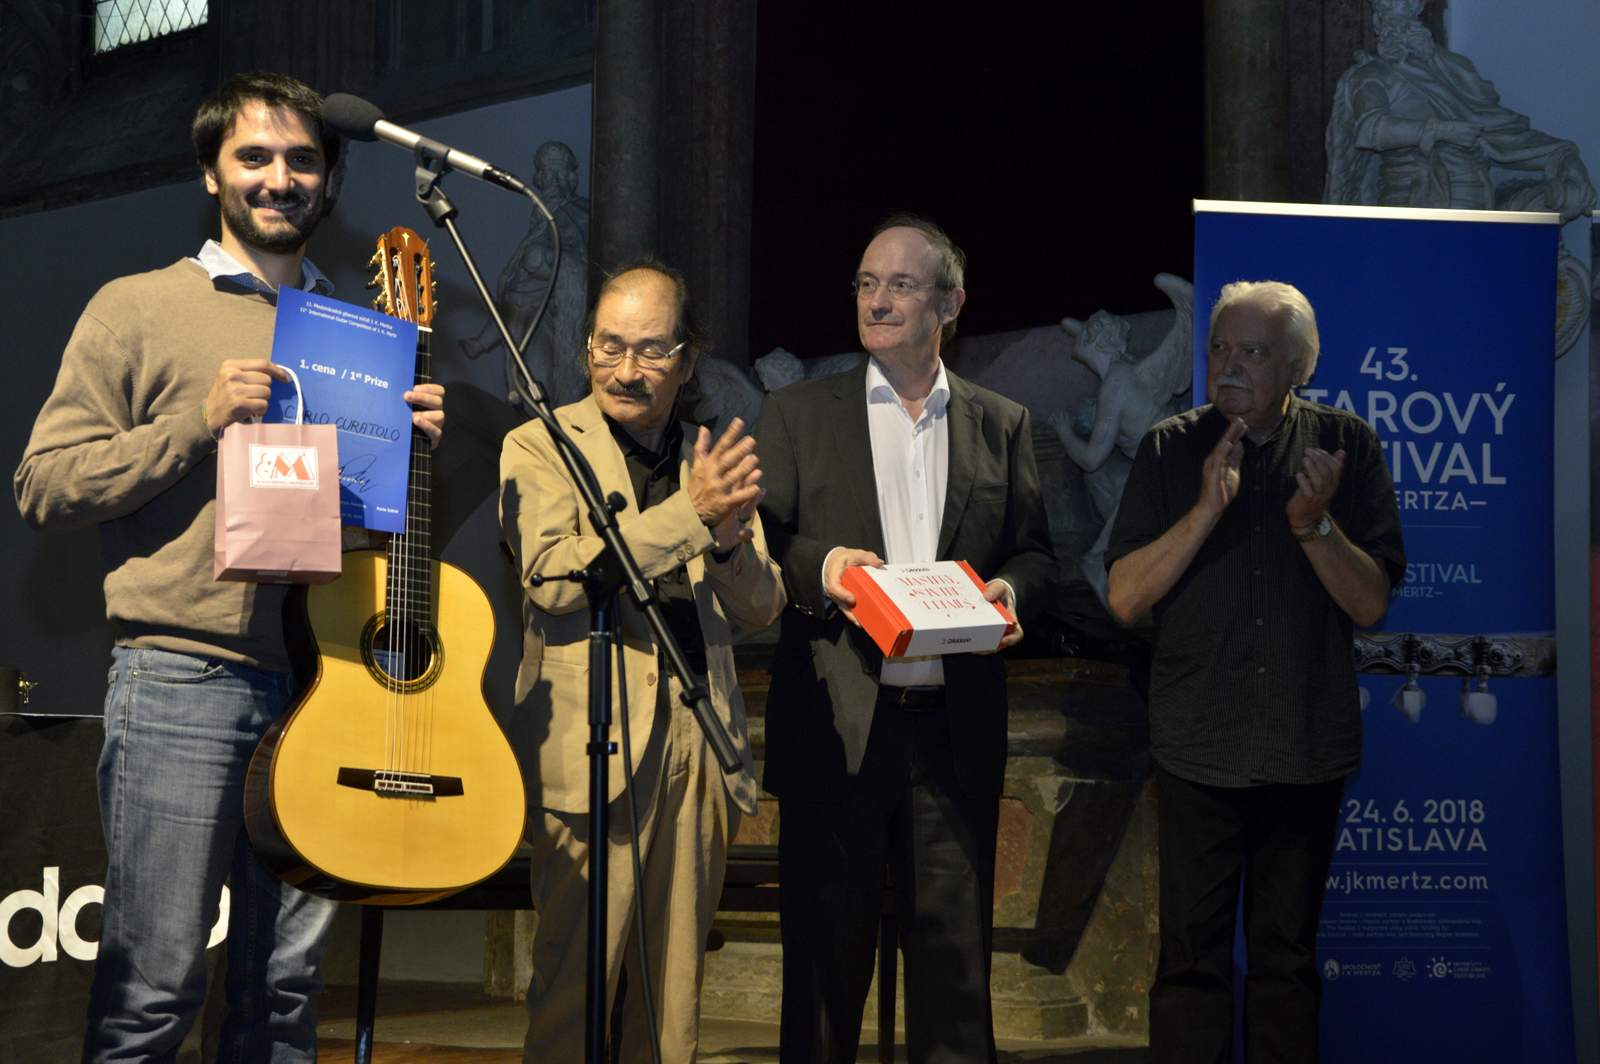 Odovzdávanie cien 11. Medzinárodnej gitarovej súťaže J. K. Mertza